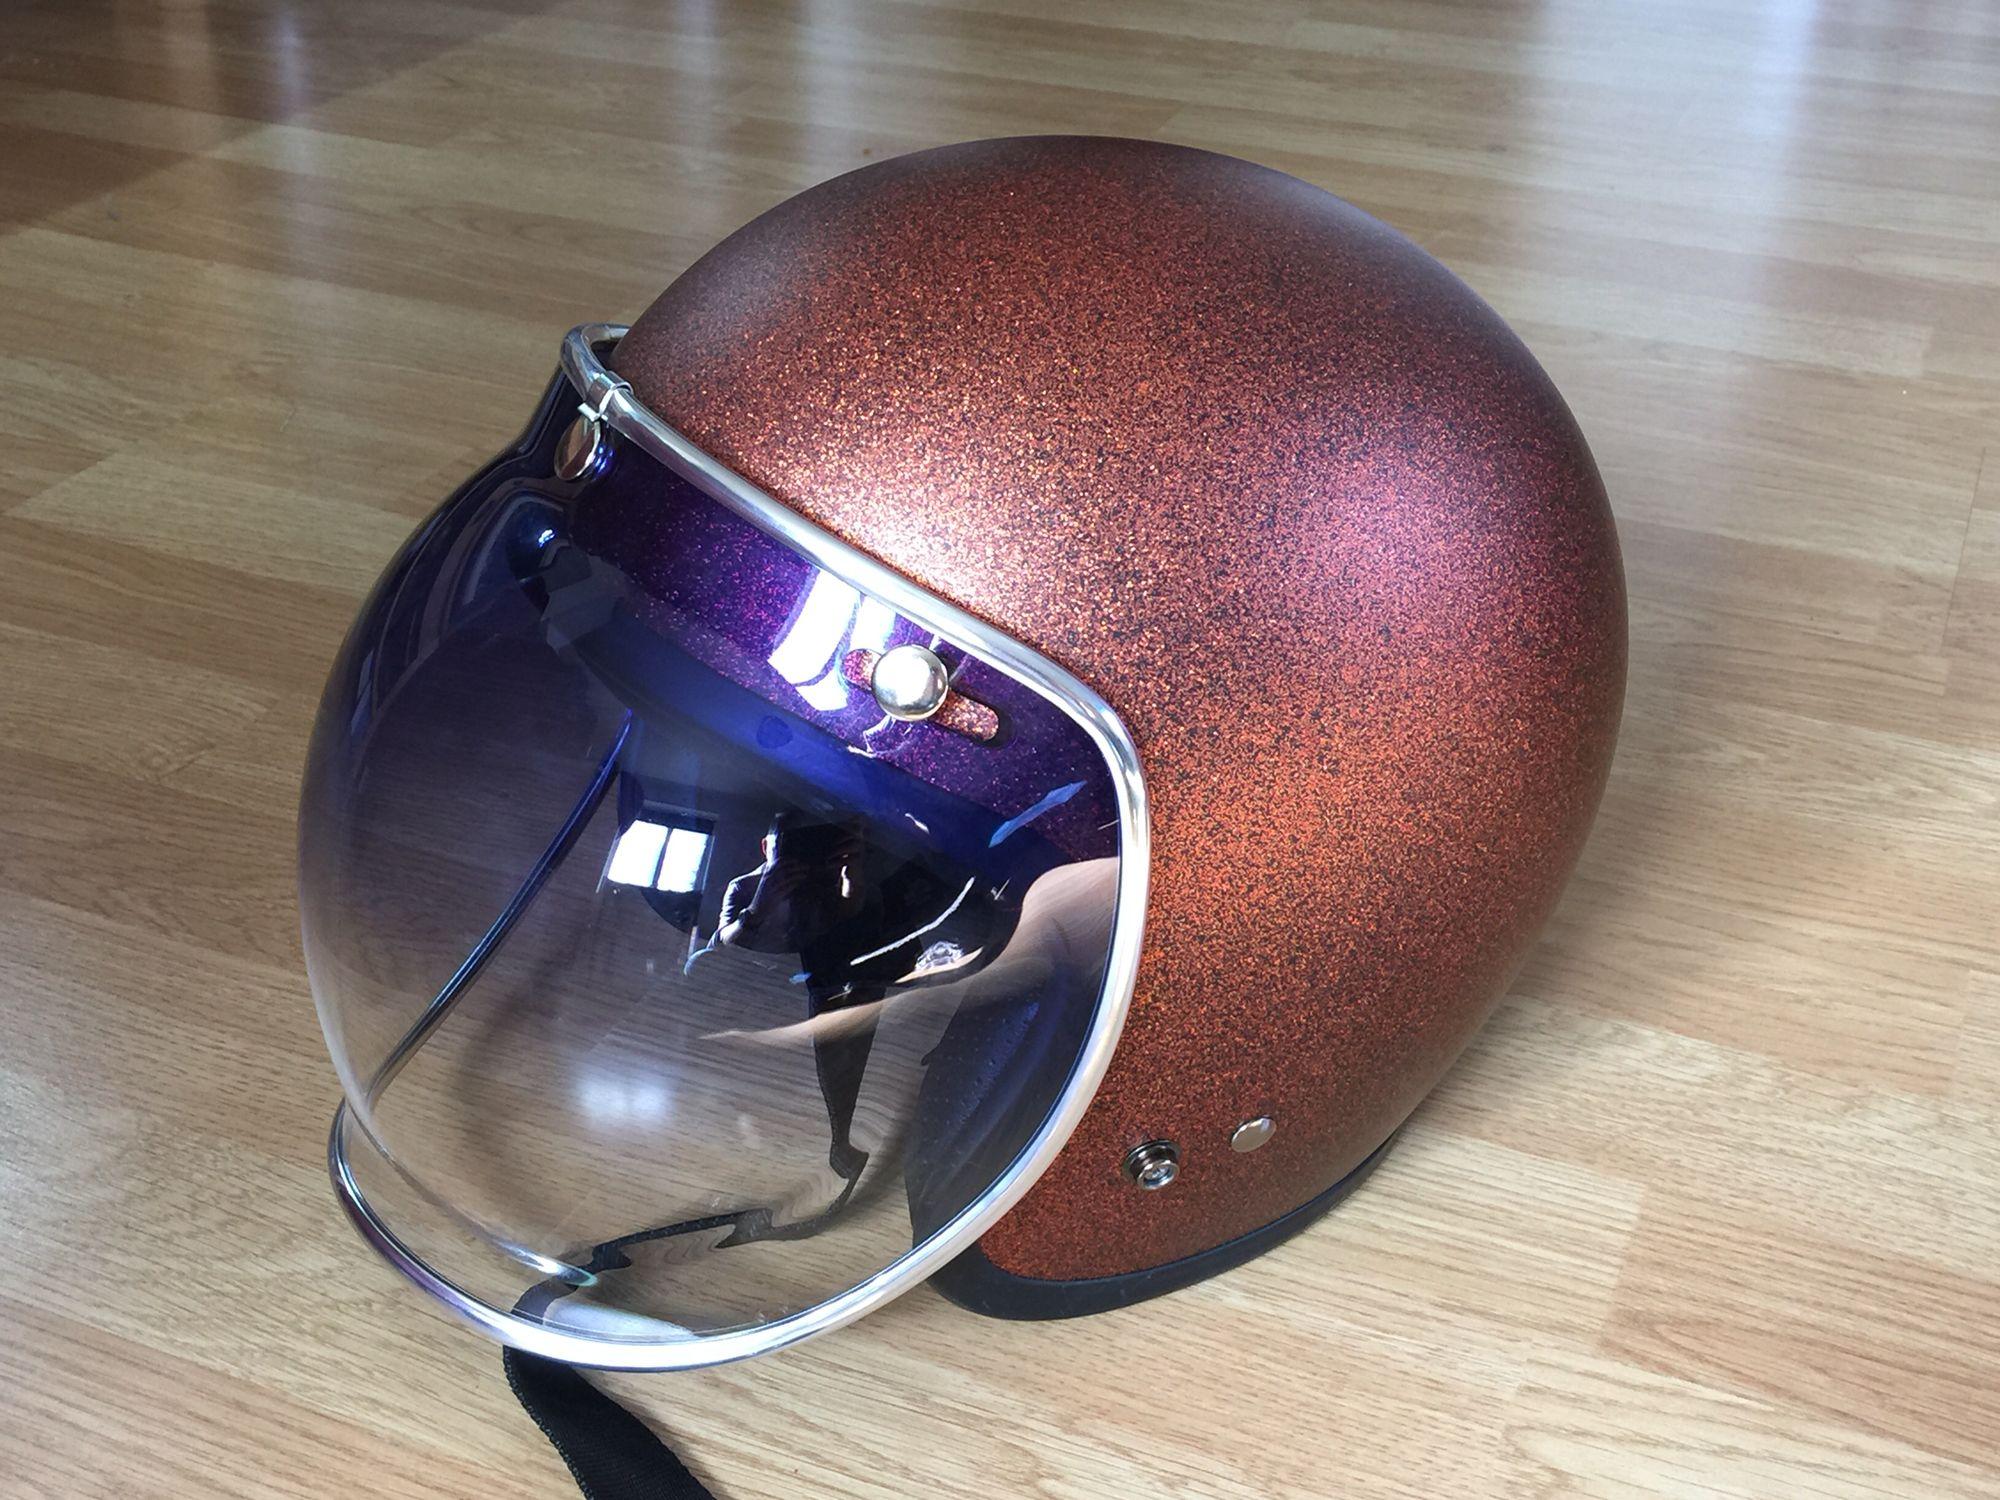 ea960e40 My Harley helmet... Bell Custom 500 in matte orange flake with blue  gradient Delux Bell Bubble Shield